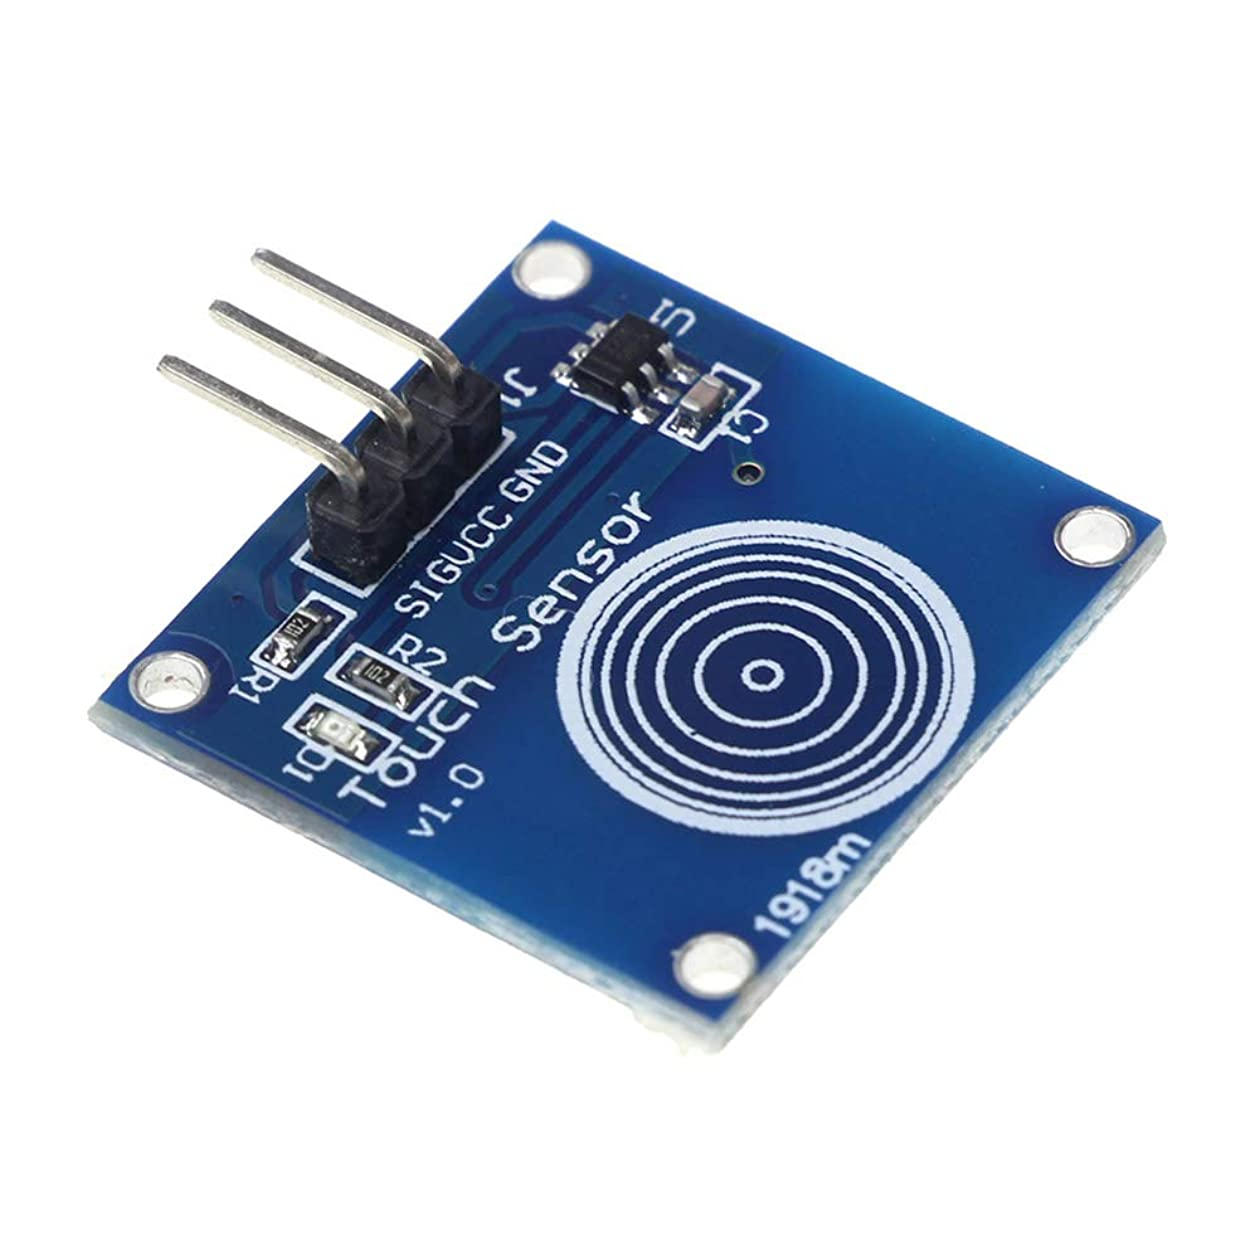 通行人展示会展開するCoolTack TTP223Bデジタルタッチセンサ容量式タッチスイッチモジュール